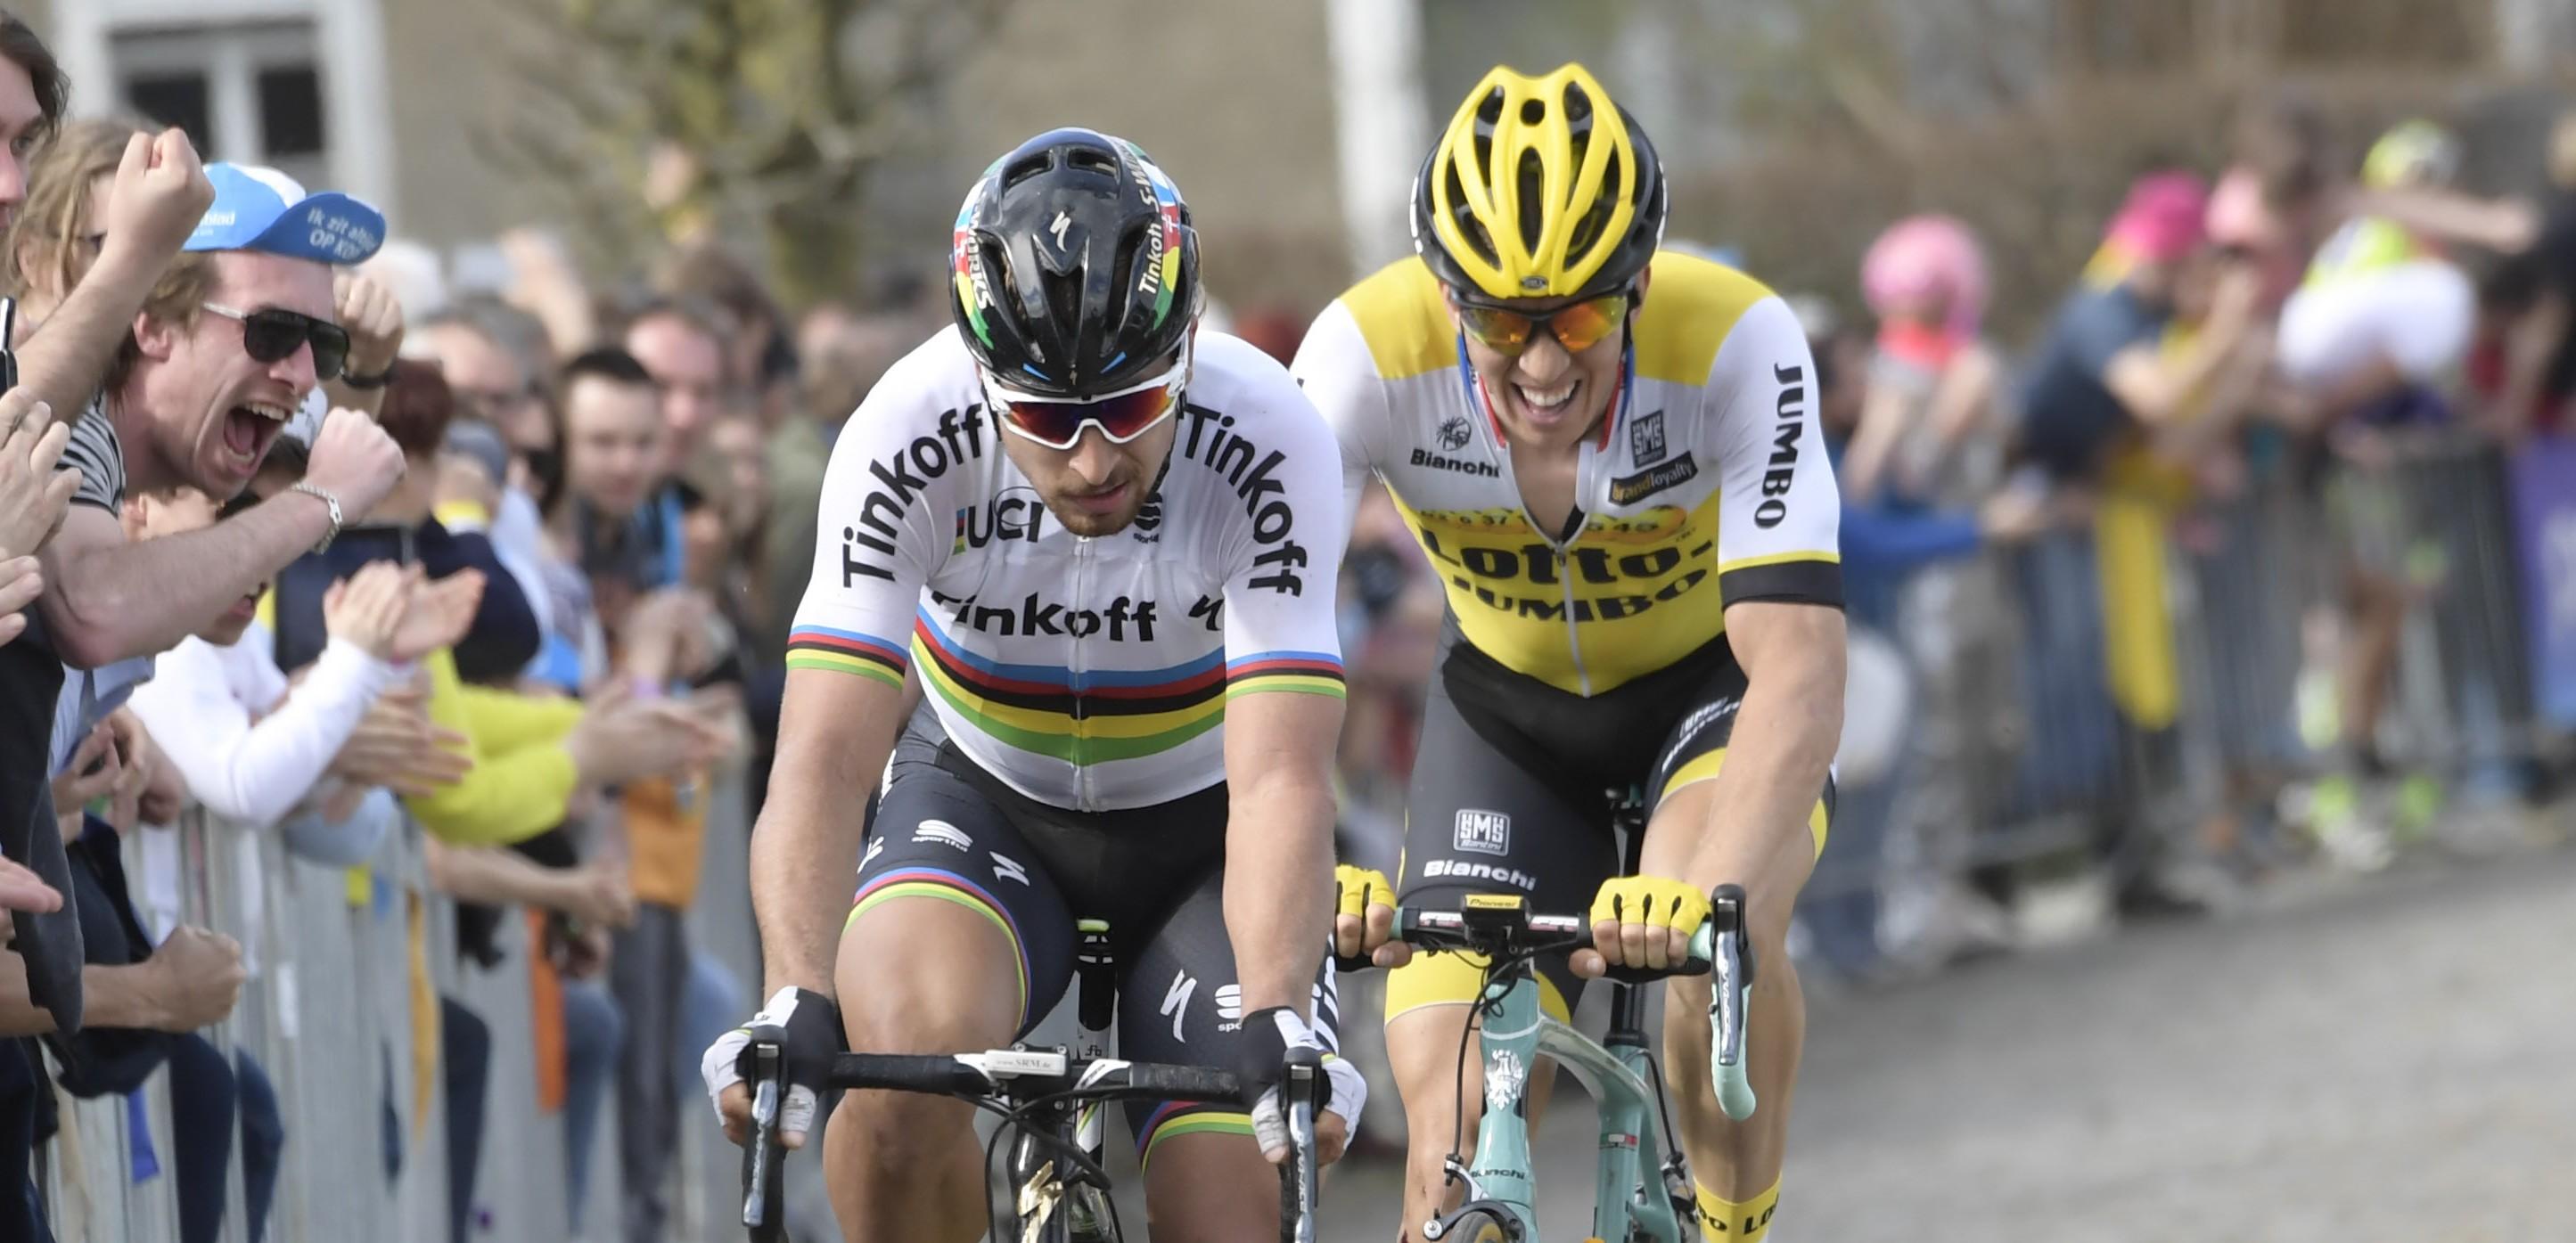 03-04-2016 Tour Des Flandres; 2016, Tinkoff; 2016, Lotto Nl - Jumbo; Sagan, Peter; Vanmarcke, Sep; Old Kwaremont;